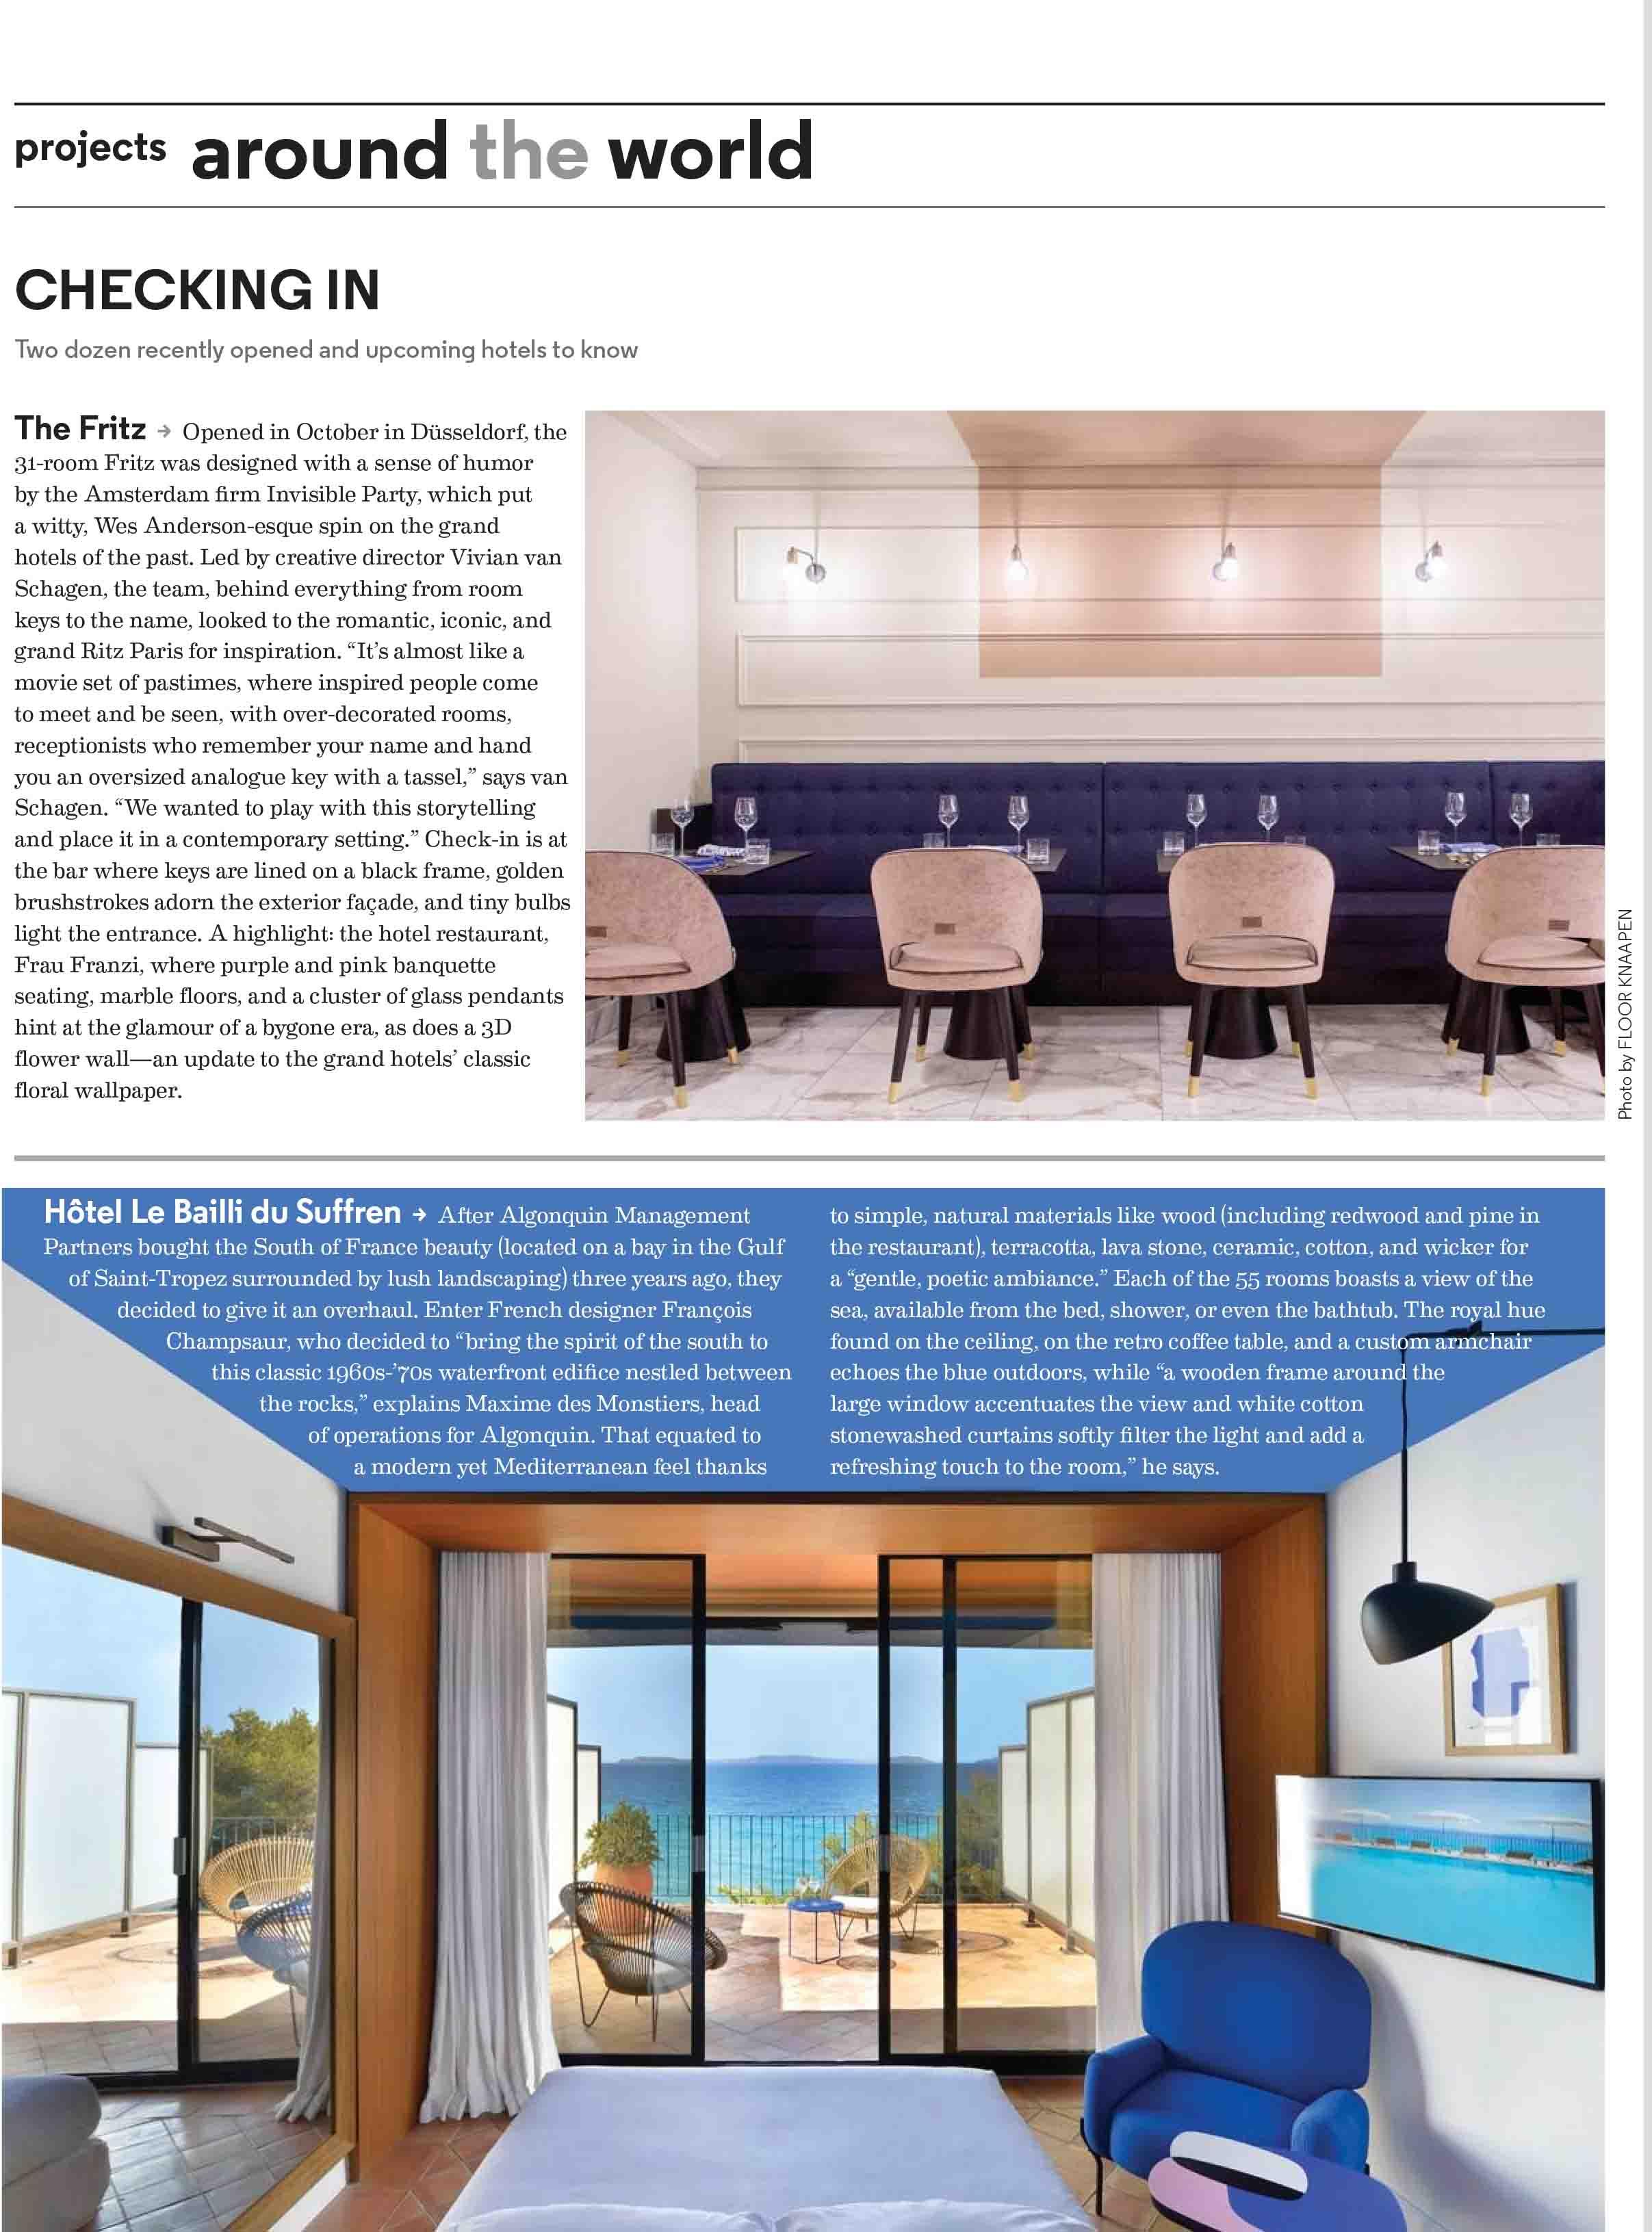 Revue de Presse Bailli de Suffren - Hospitality Design